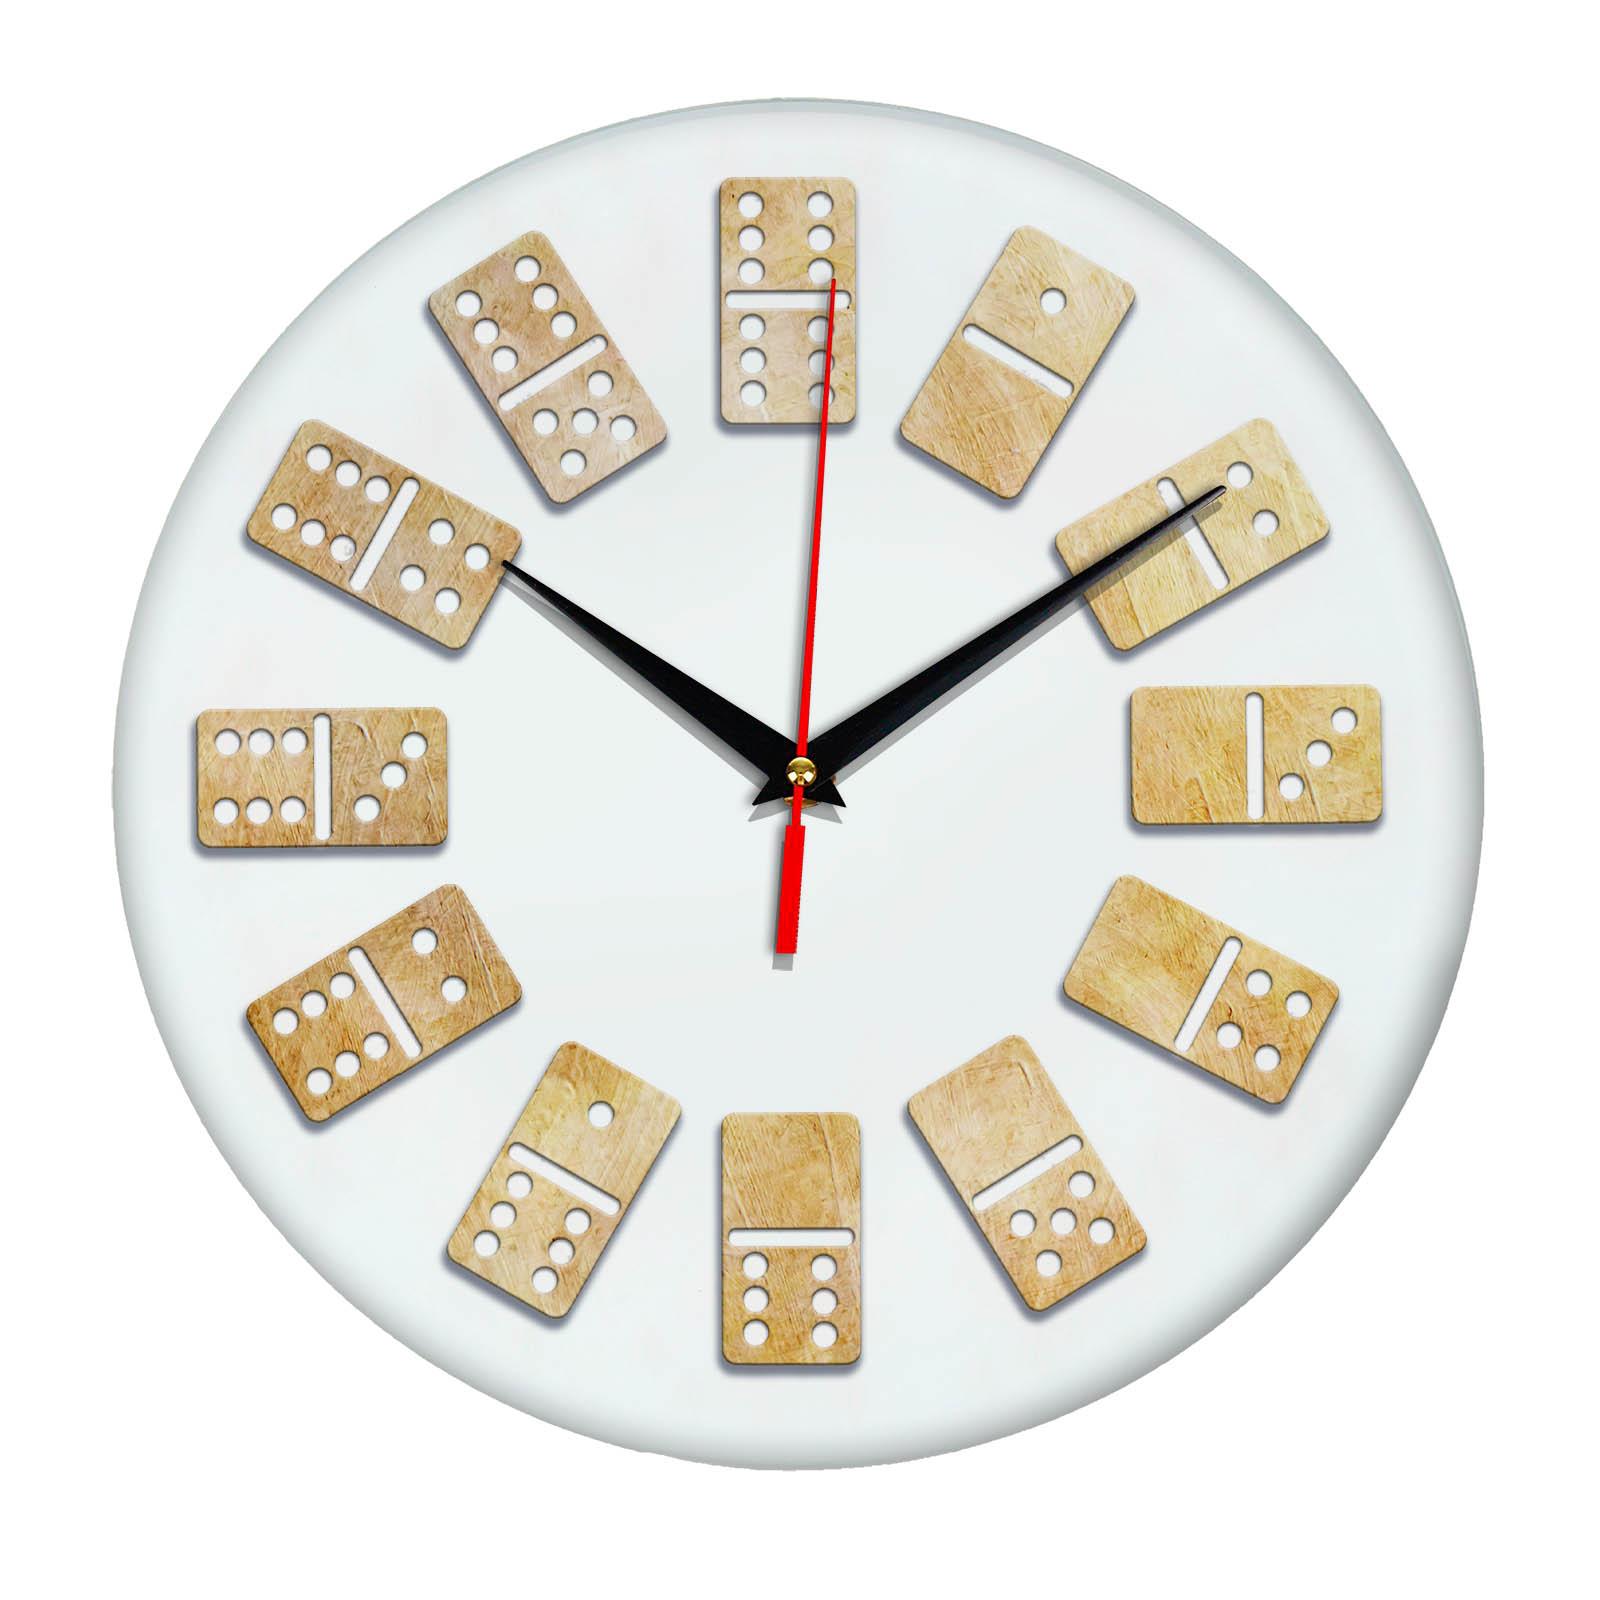 Настенные часы кости Домино 6